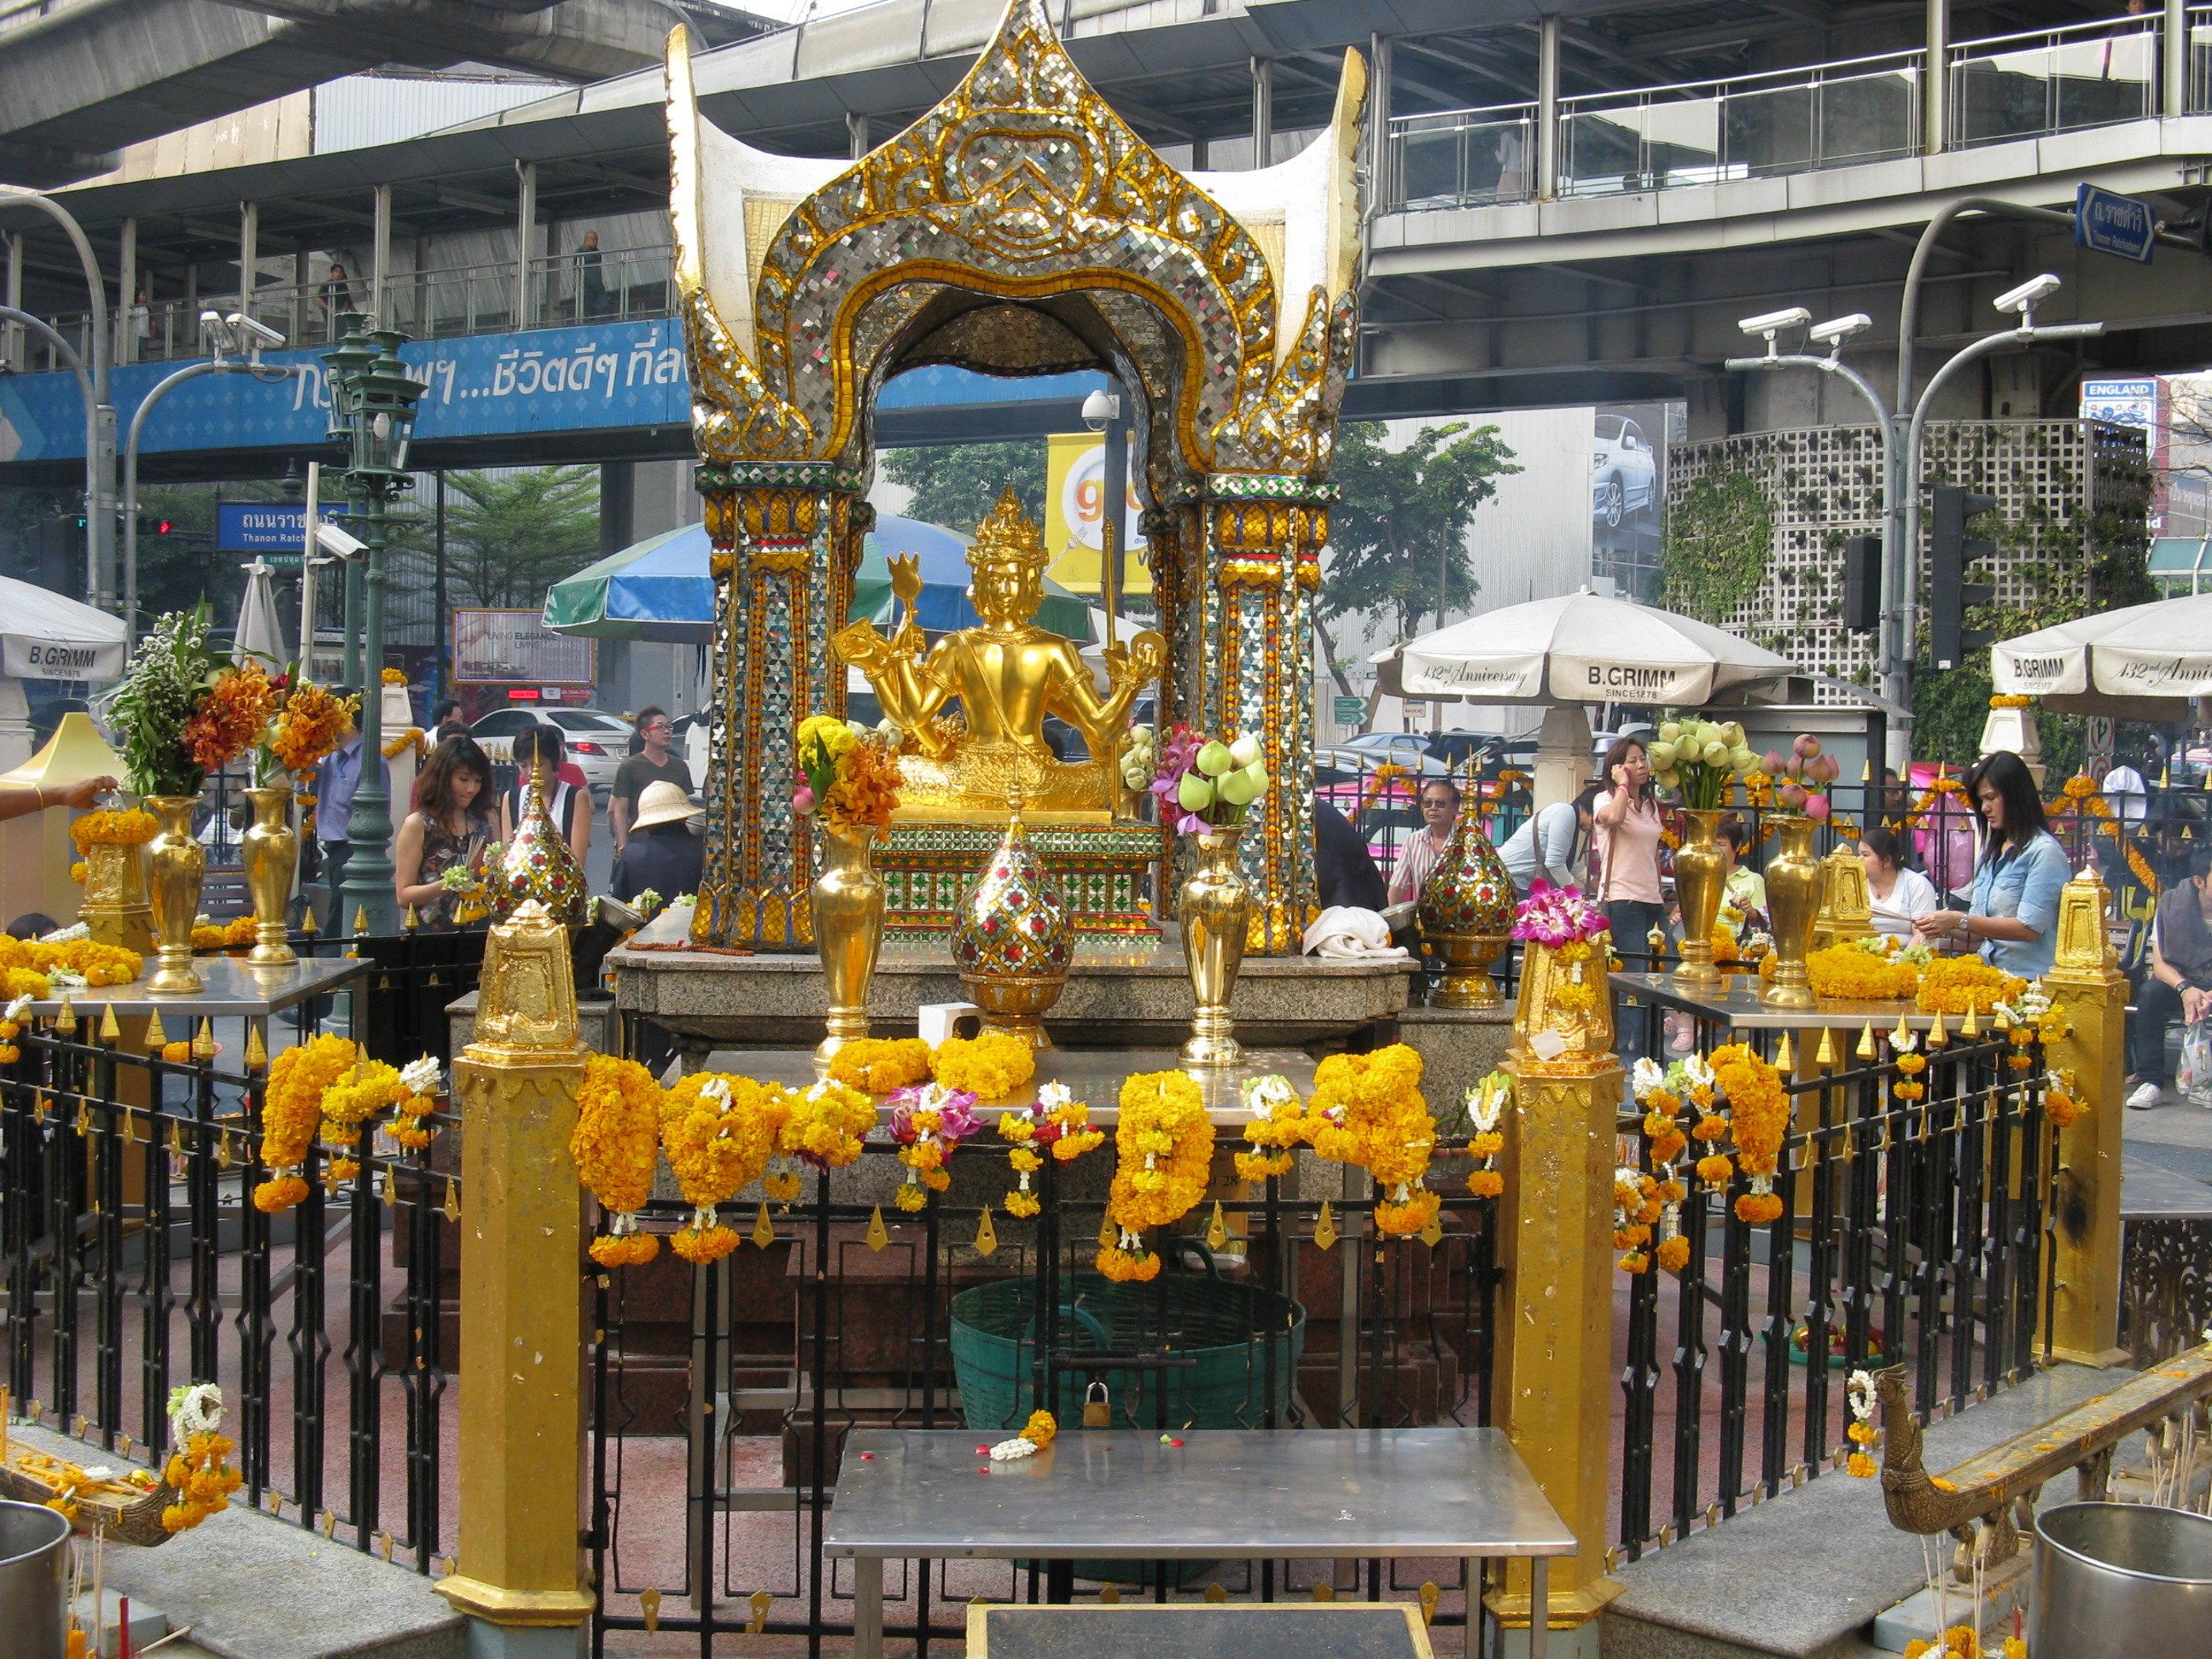 寒假泰国行 - 最佳第六人 - 最佳第六人---郭素生的博客